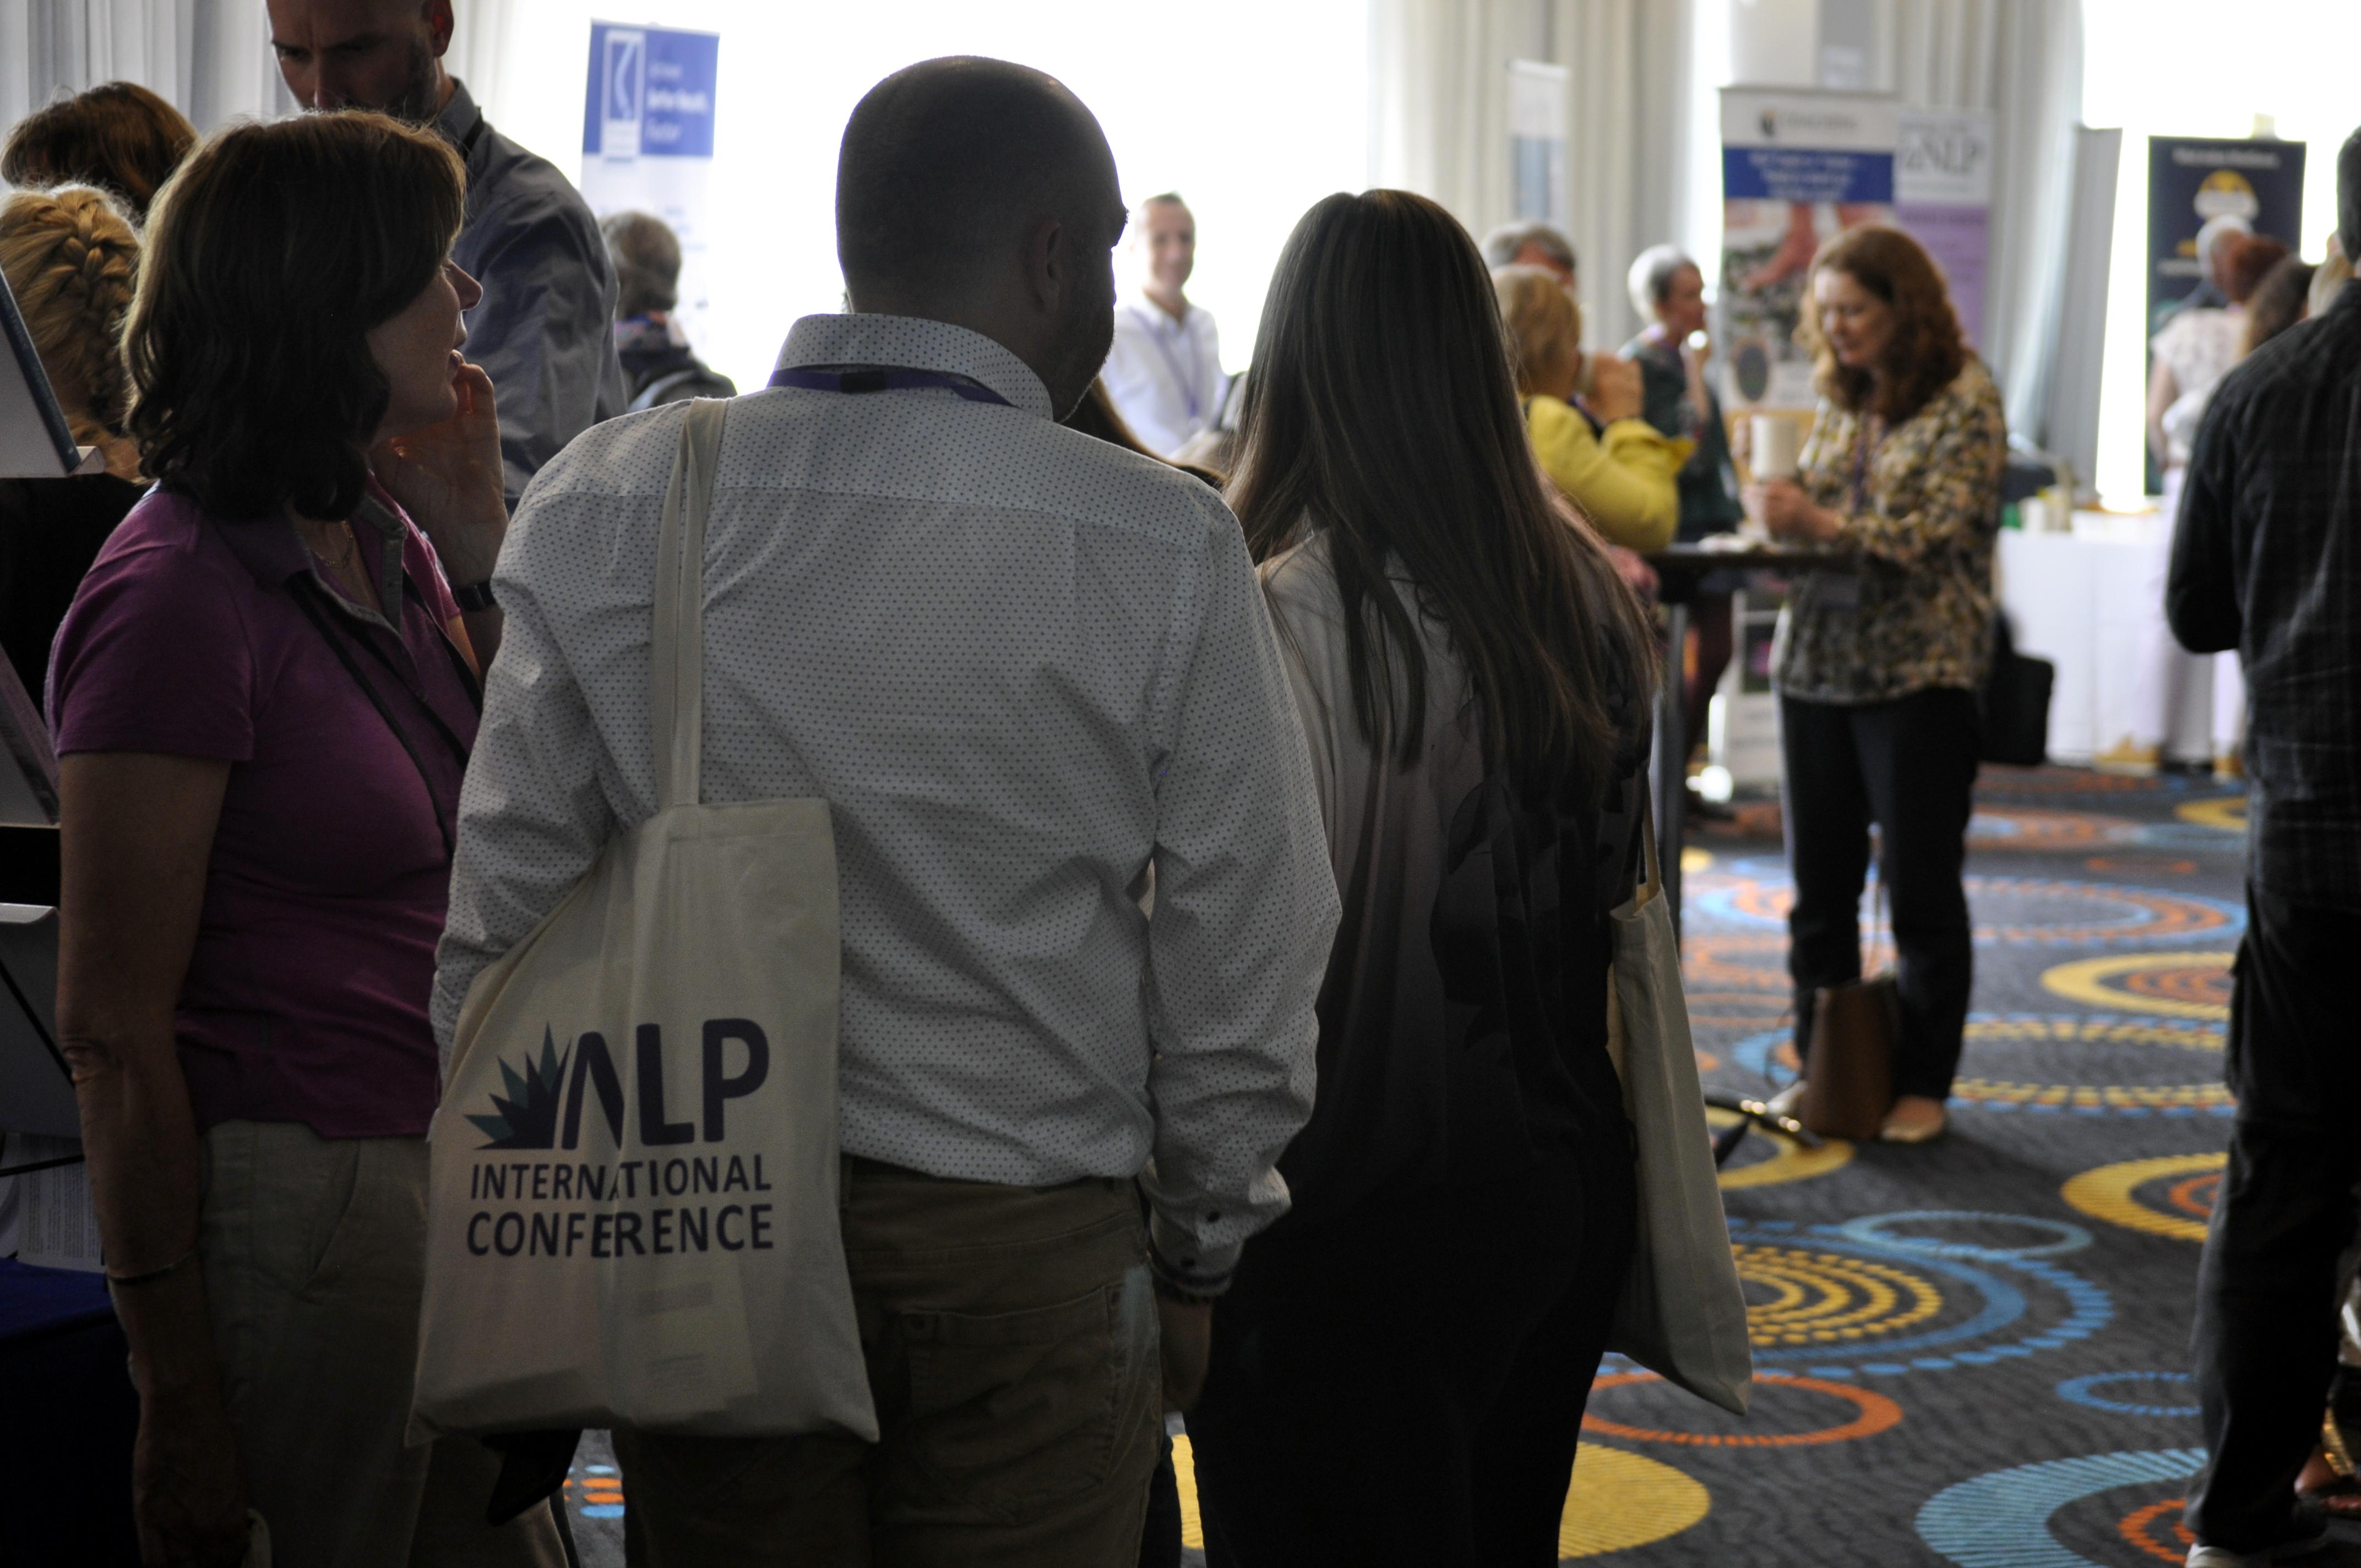 2018 conference delegates